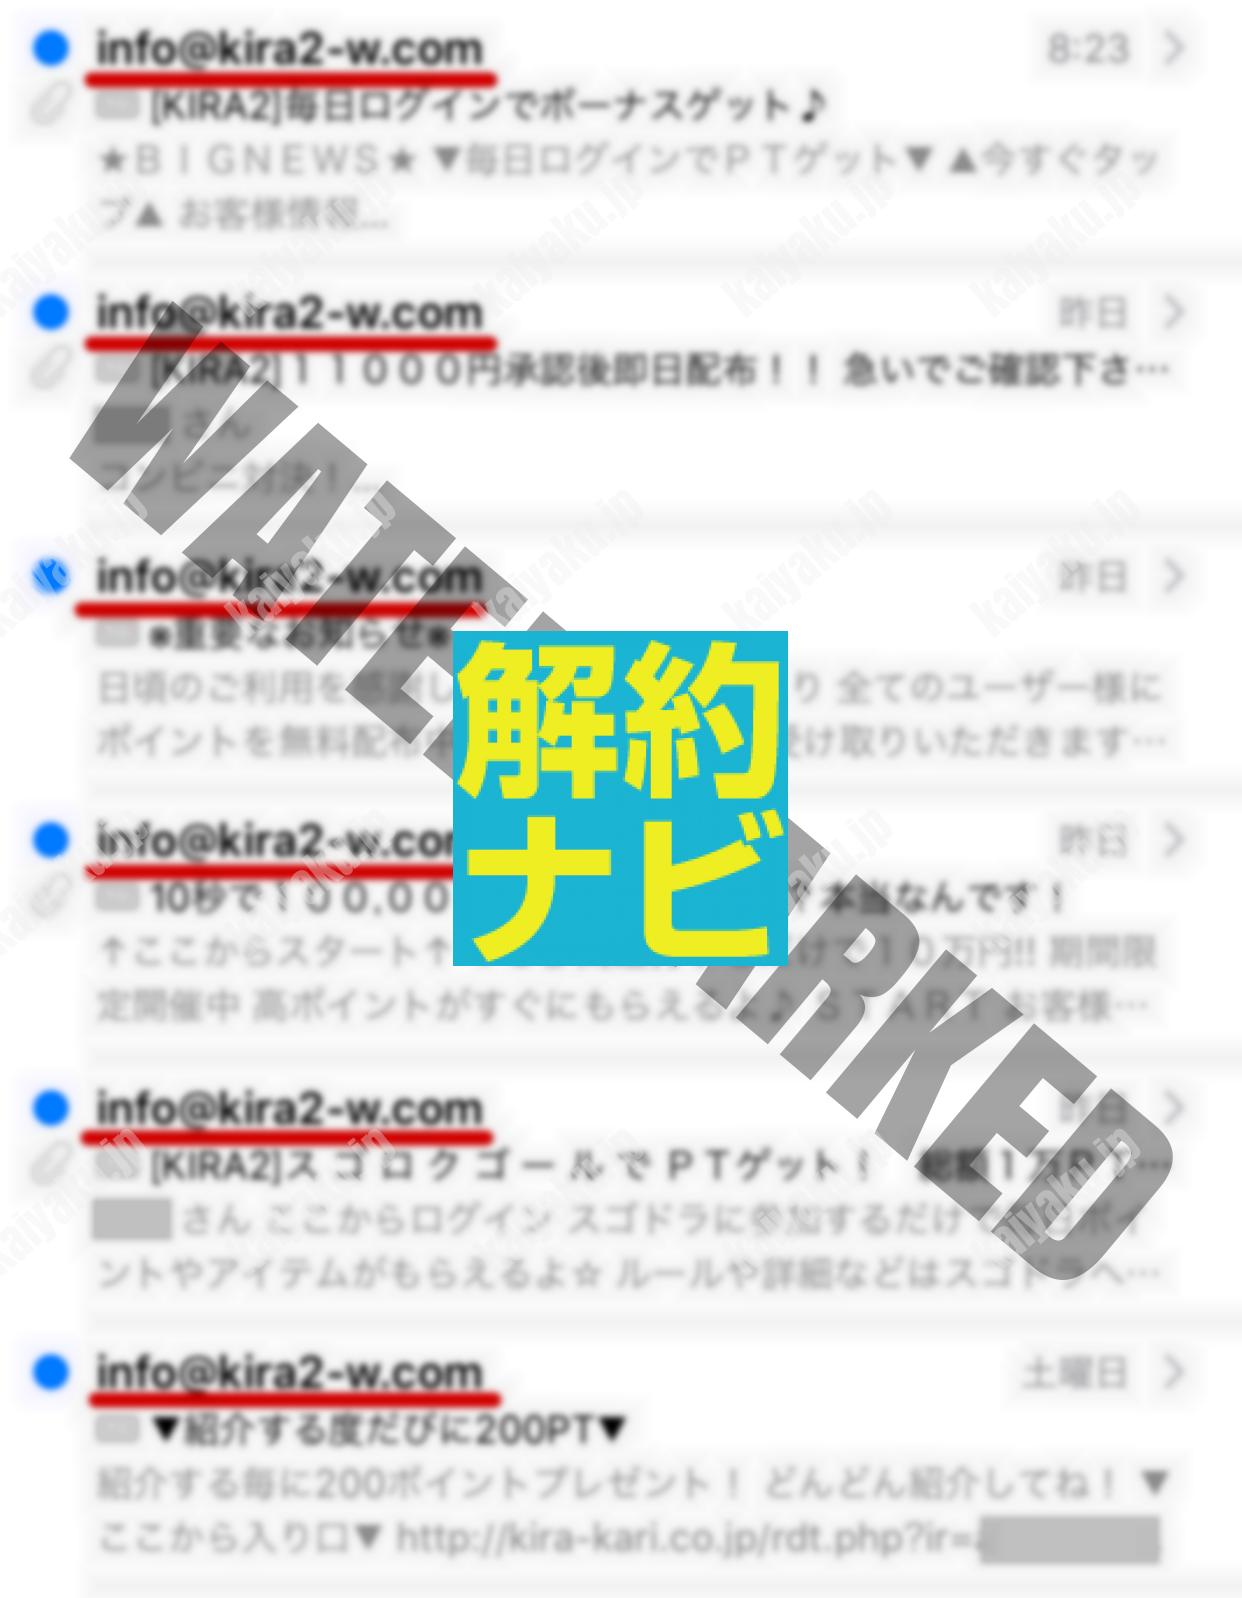 キラキラ☆ウォーカーからのメール